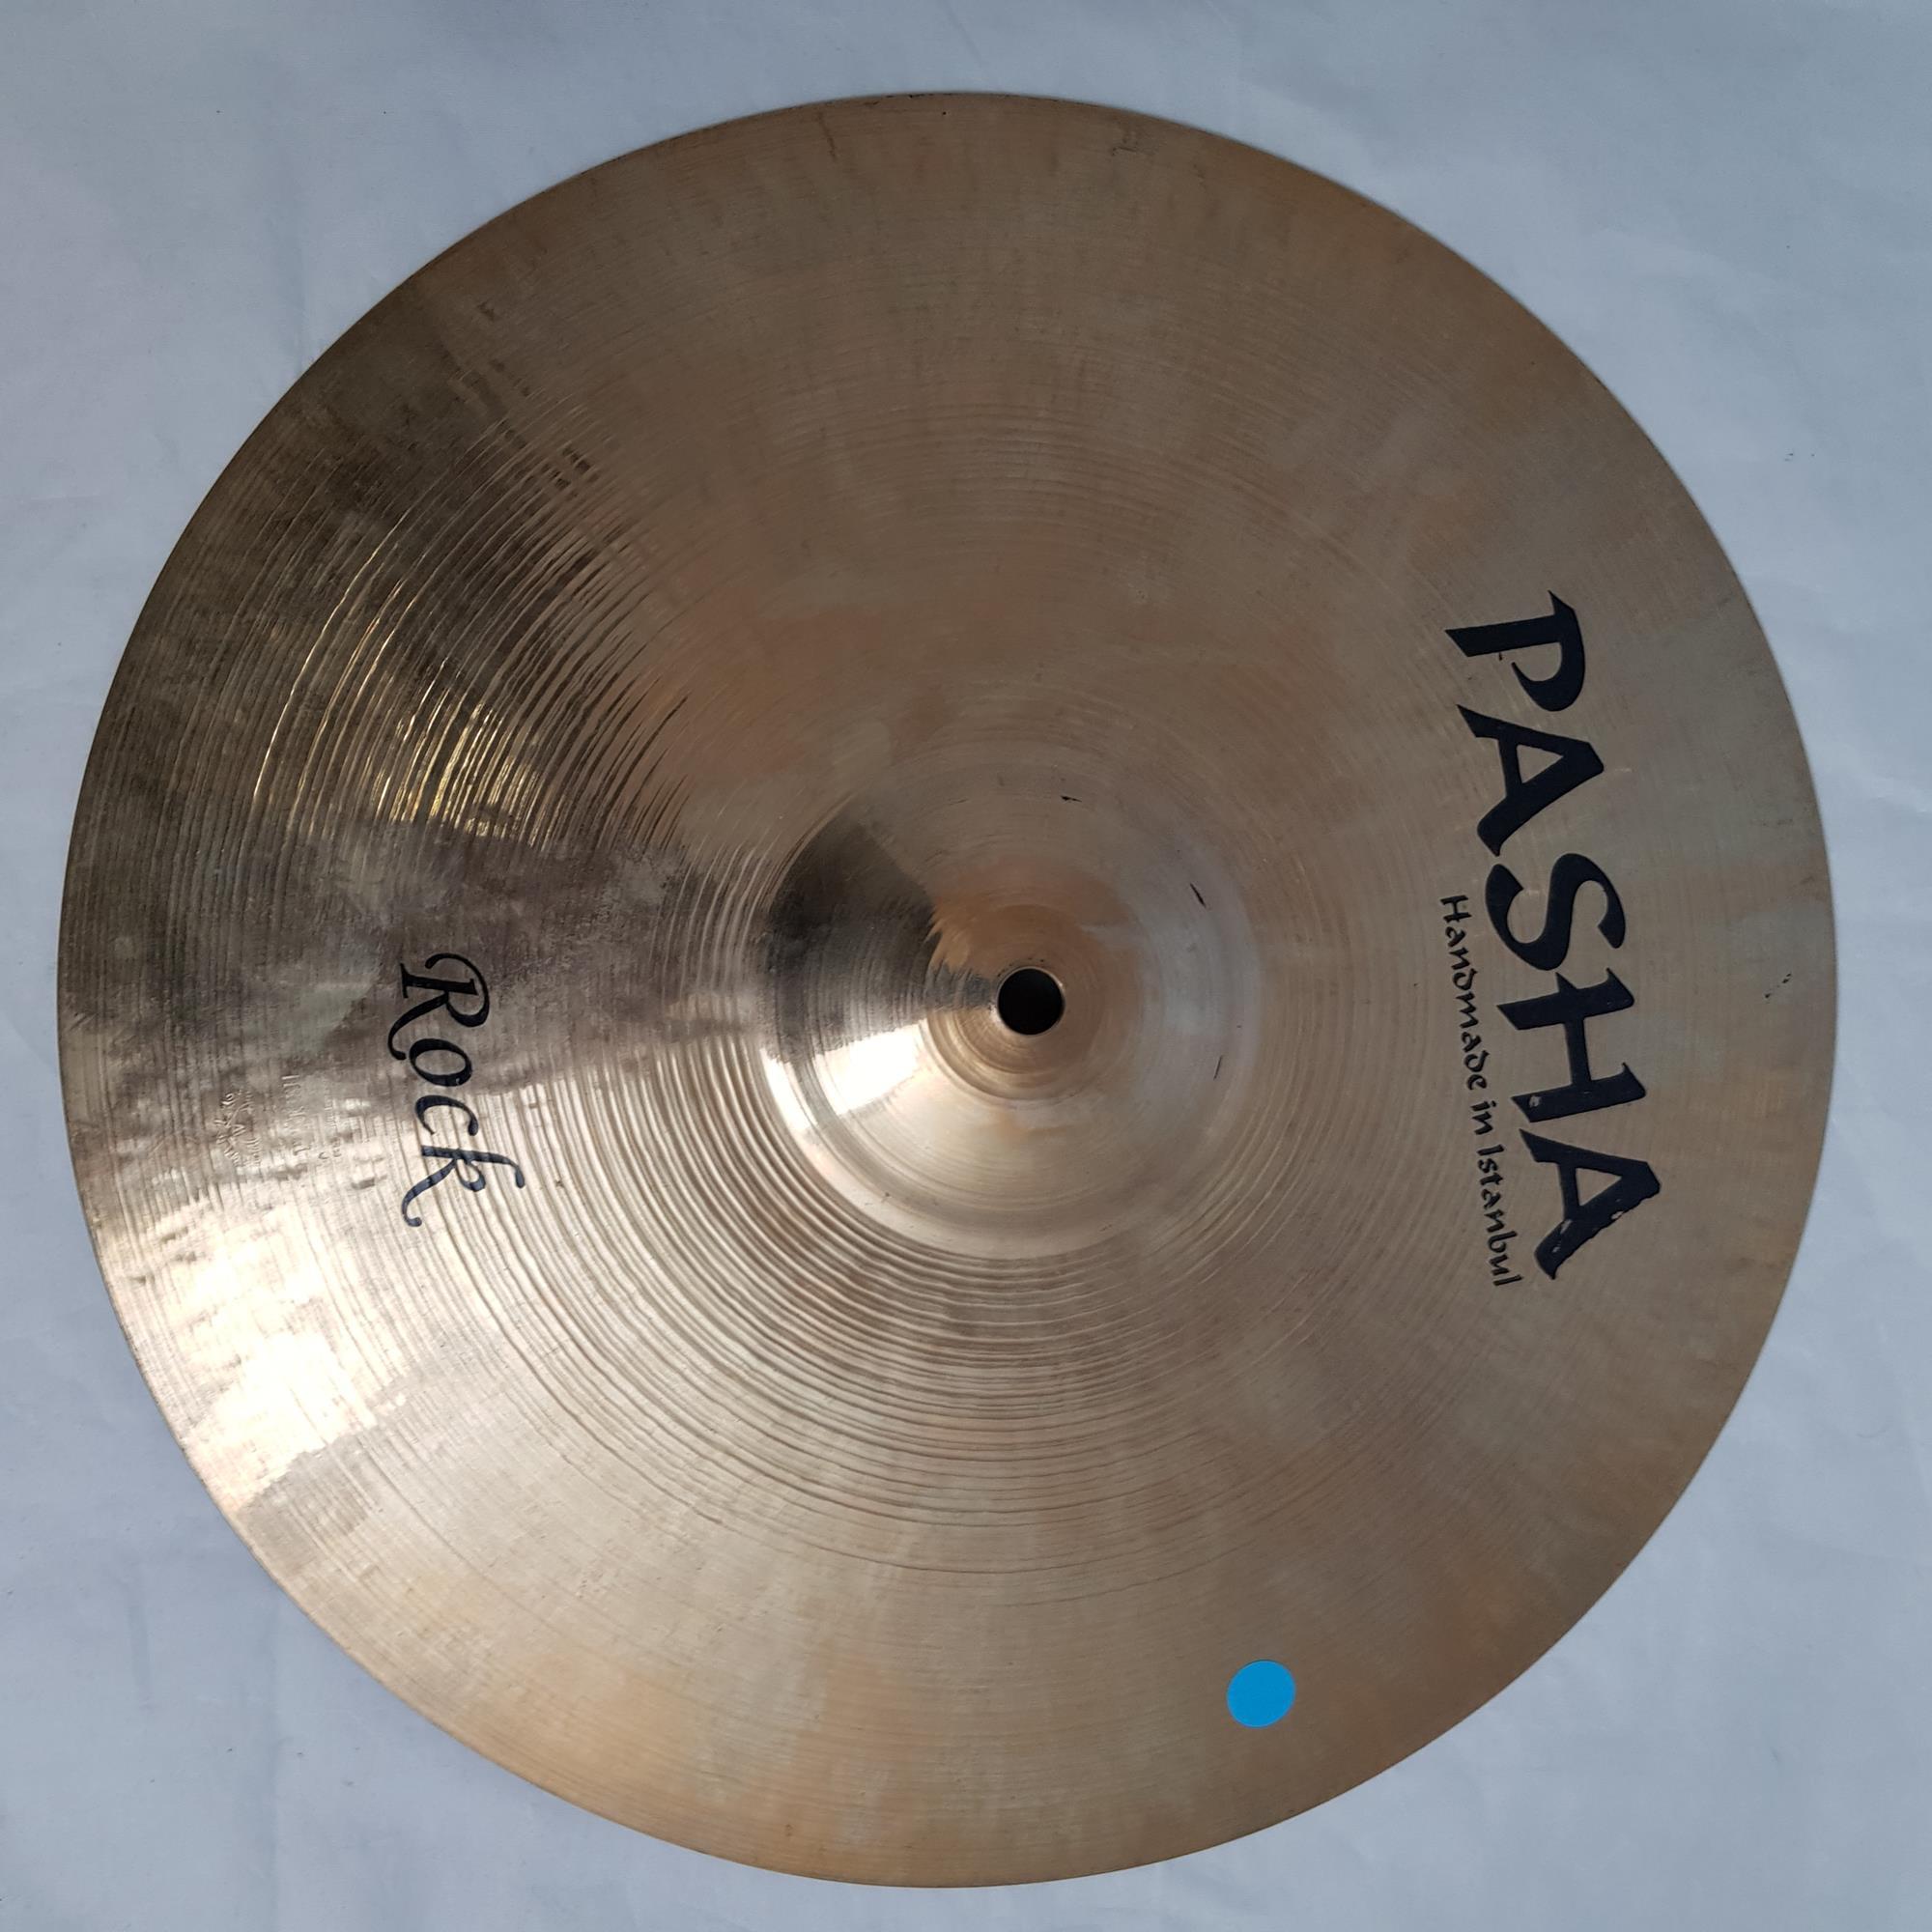 PASHA-HI-HAT-ROCK-14-HH-sku-1631985673843